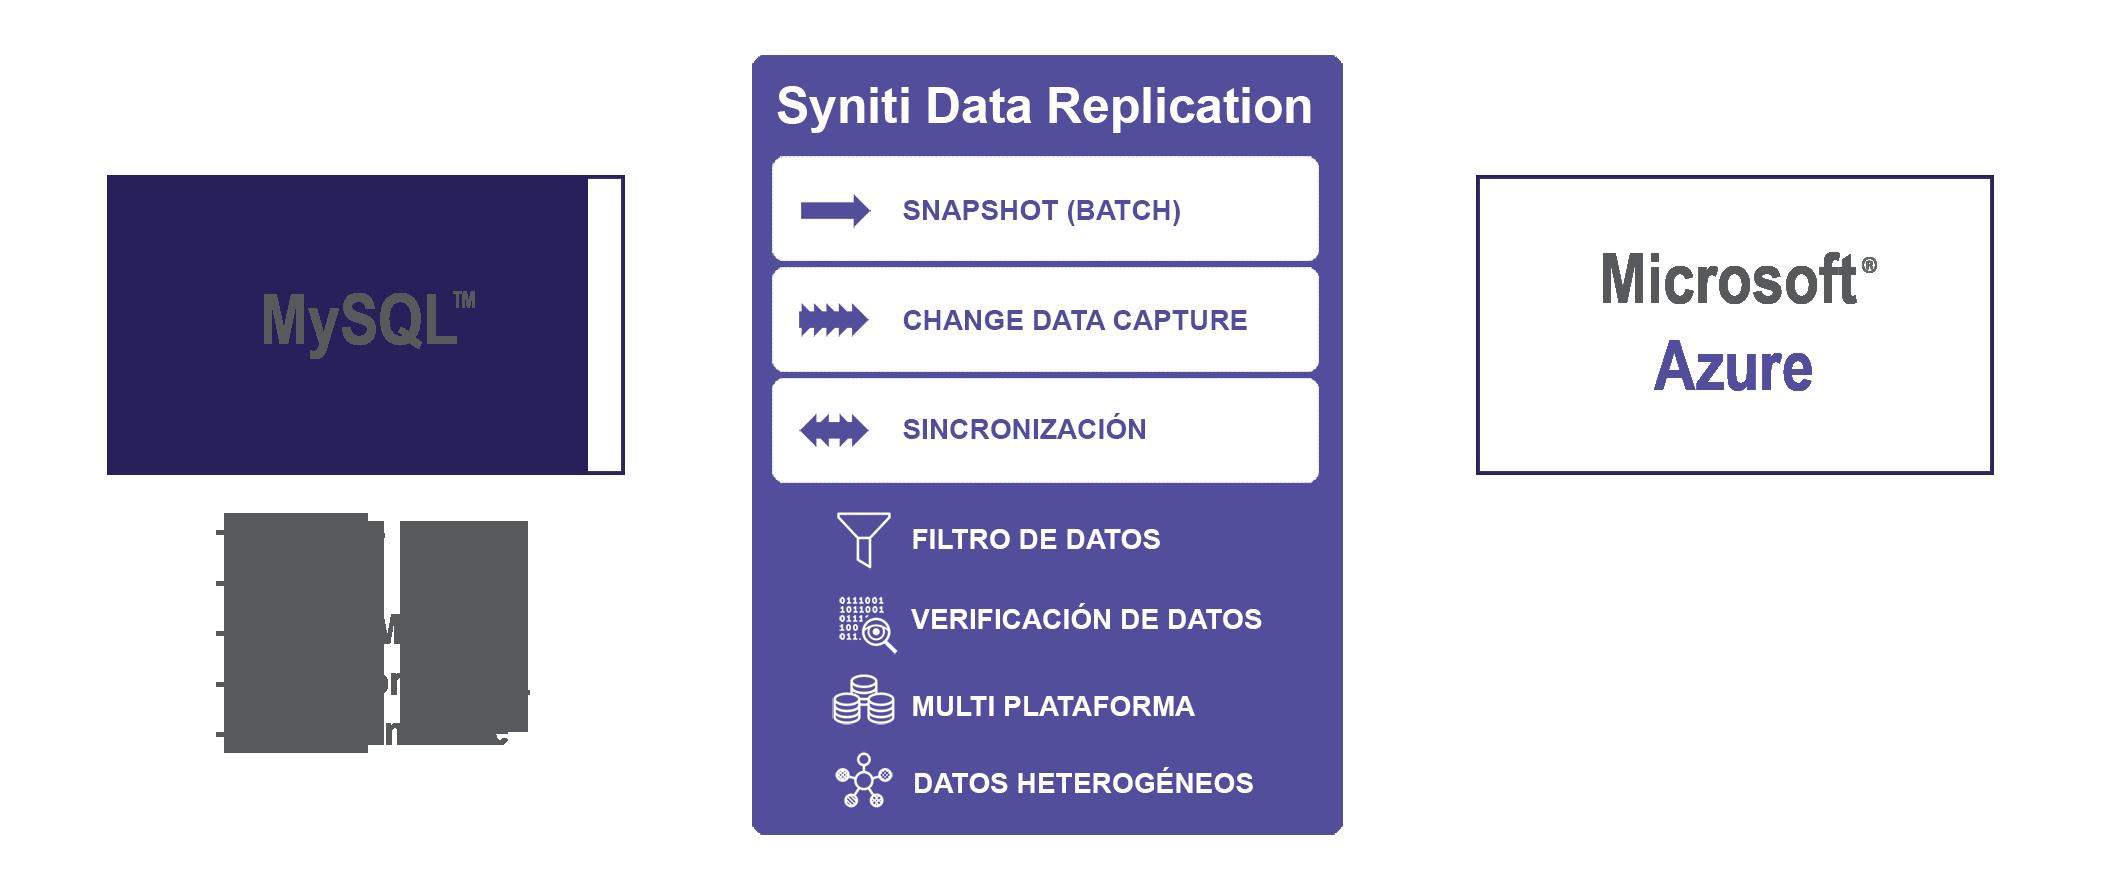 Replicacion de datos entre MySQL y Azure